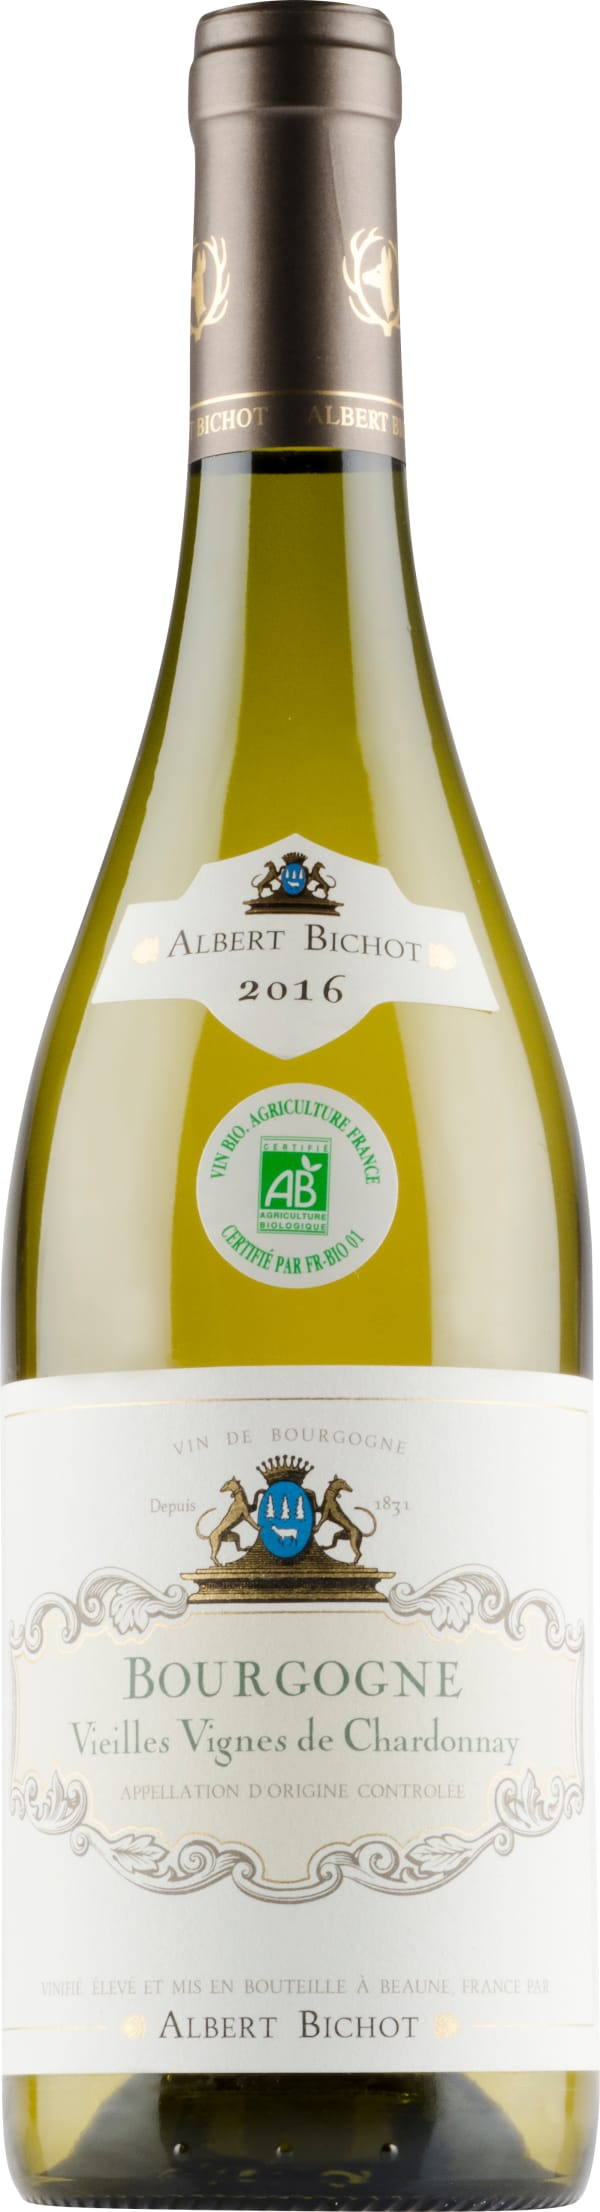 Albert Bichot Bourgogne Vieilles Vignes de Chardonnay 2016